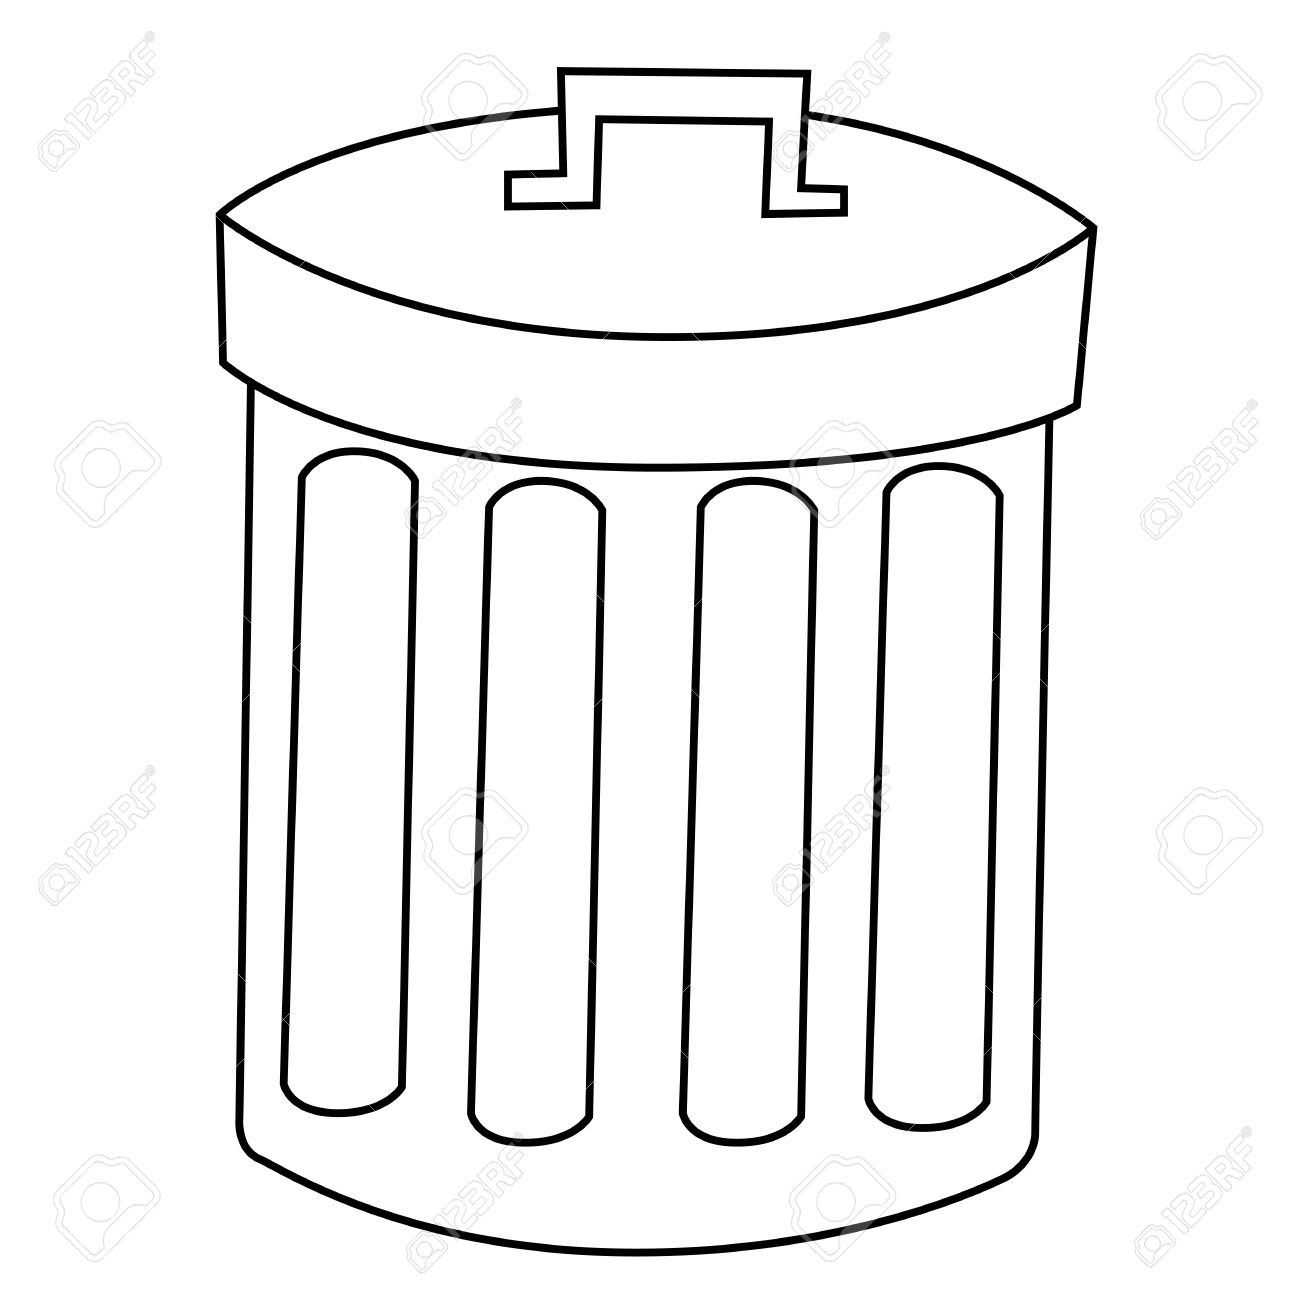 Trash Can Outline Clip Art